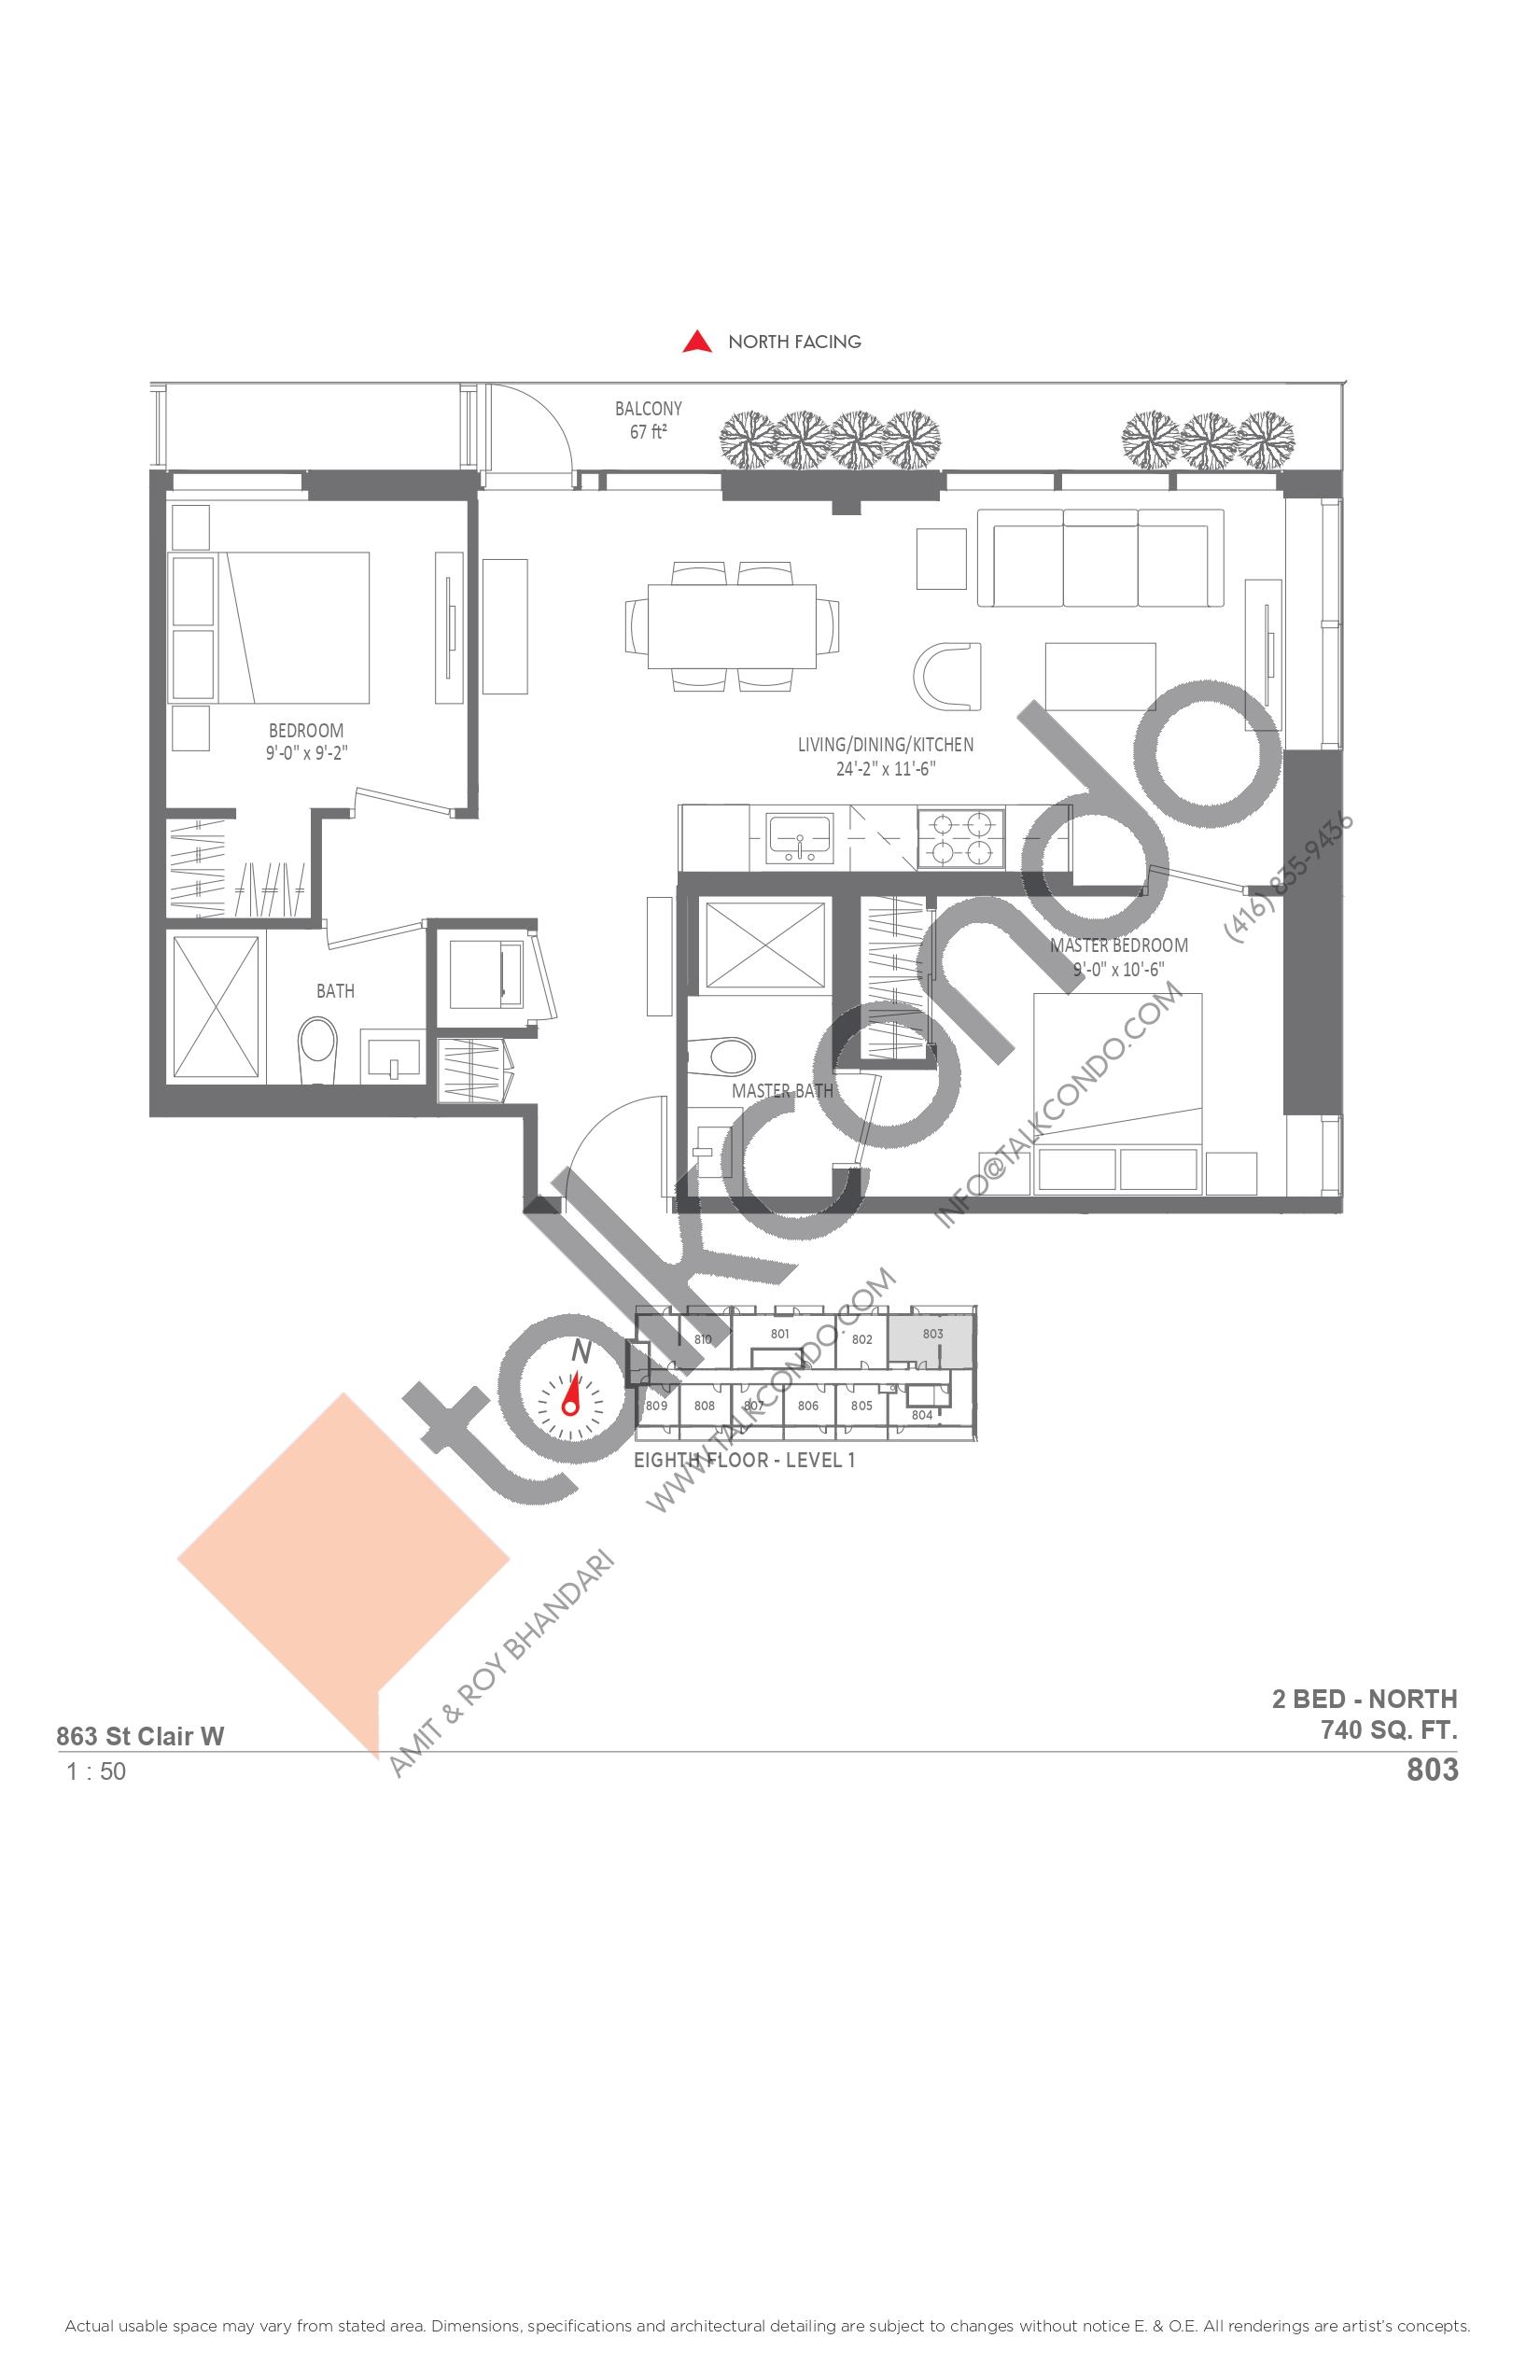 803 Floor Plan at Monza Condos - 740 sq.ft